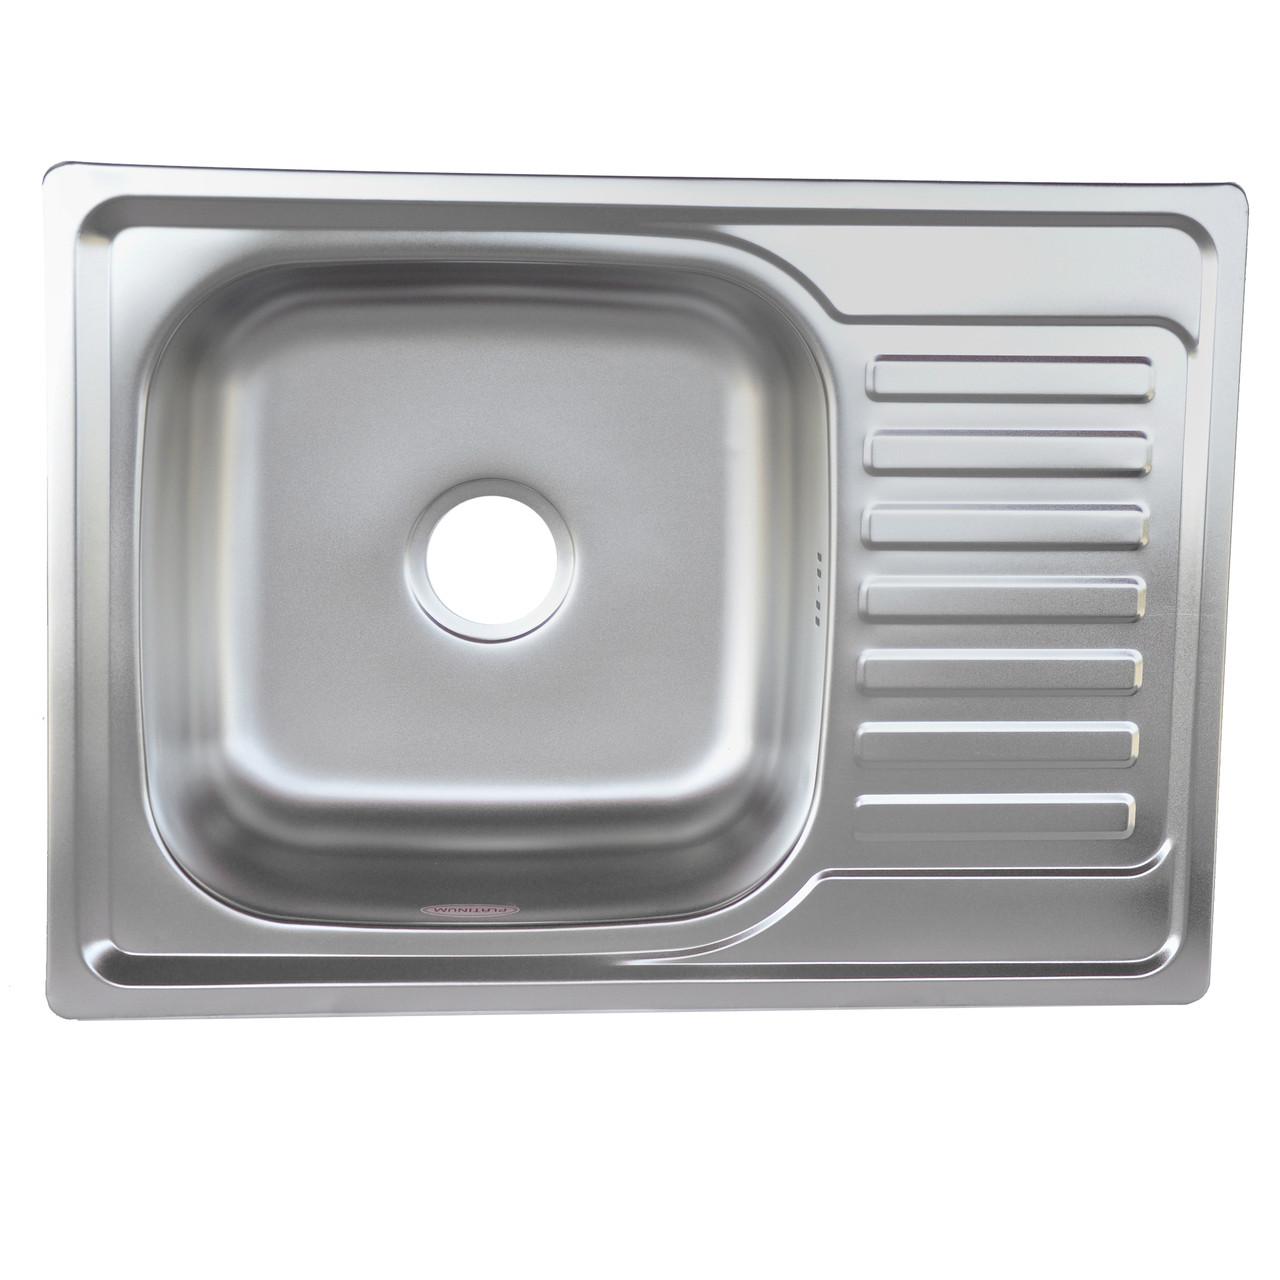 Мойка кухонная Platinum 6950 Decor 0,8мм